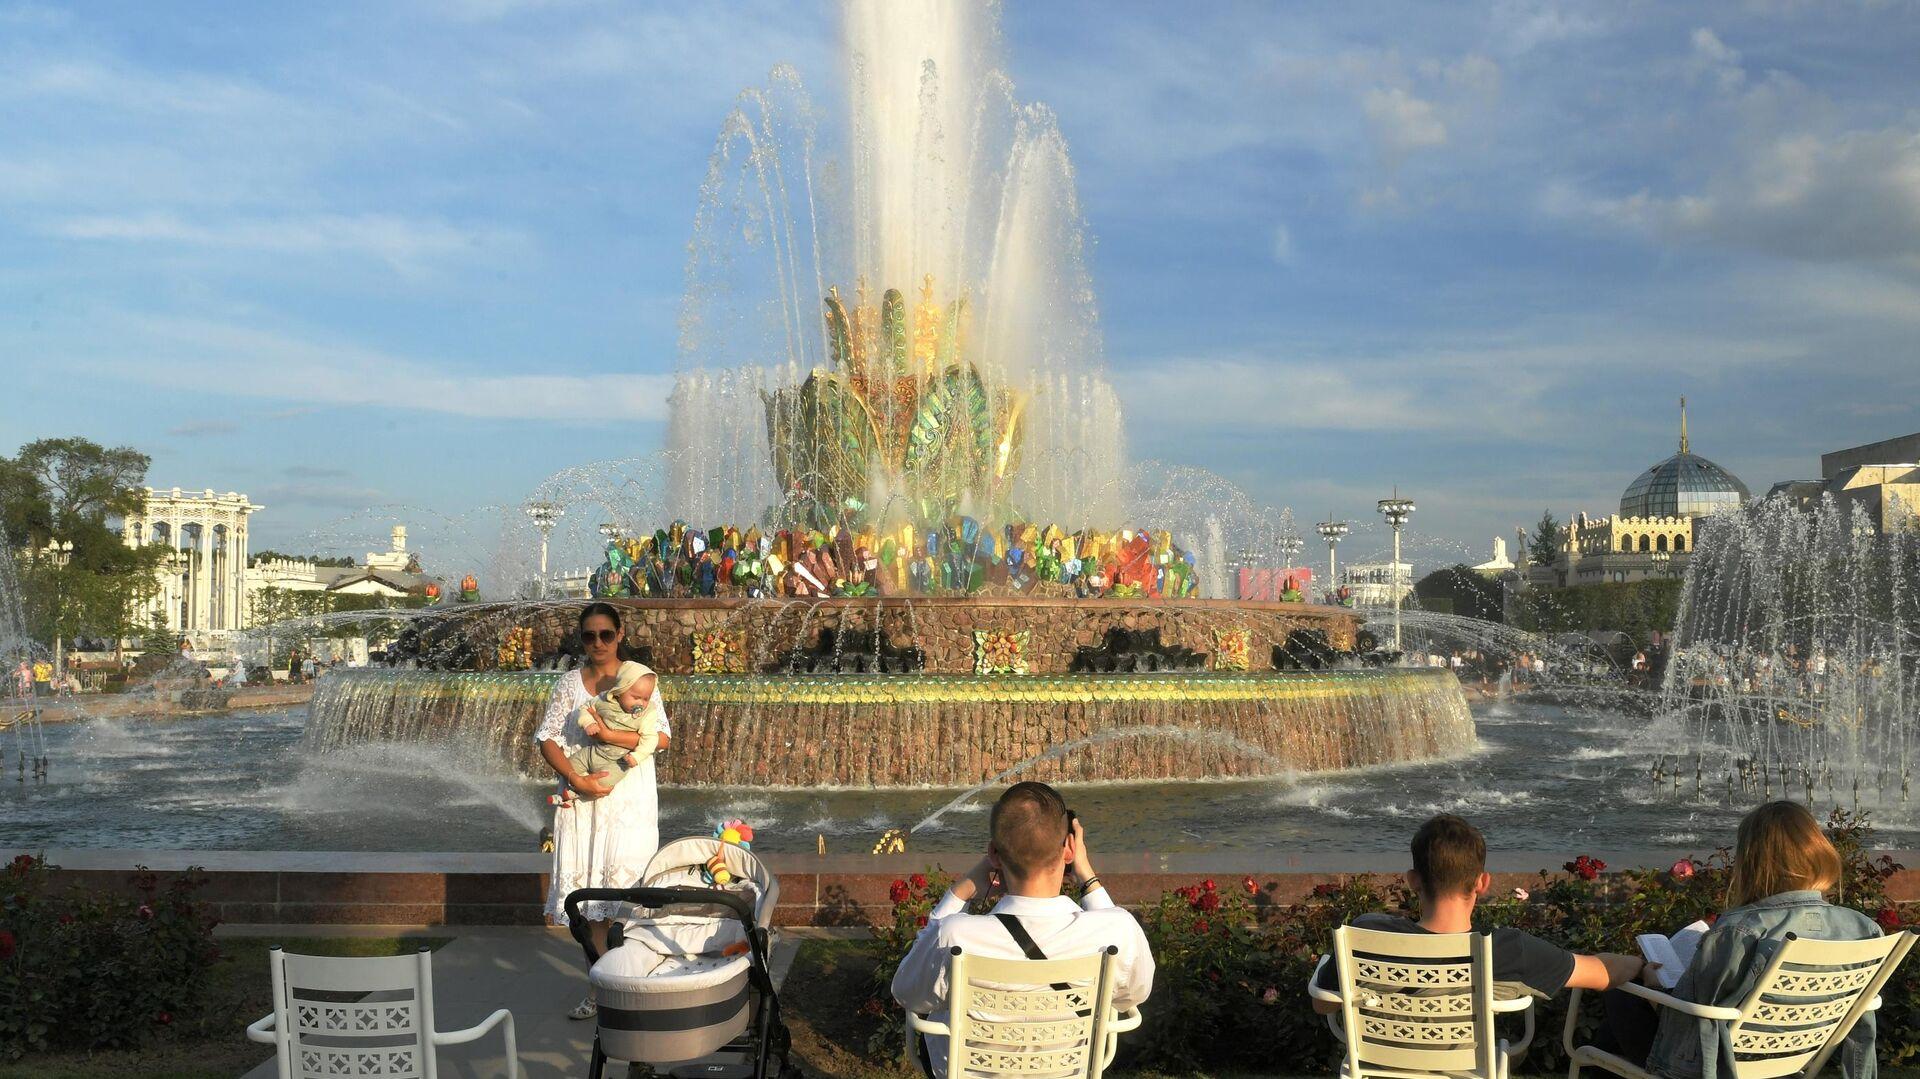 Люди отдыхают у фонтана Каменный цветок на ВДНХ в Москве - РИА Новости, 1920, 15.10.2020